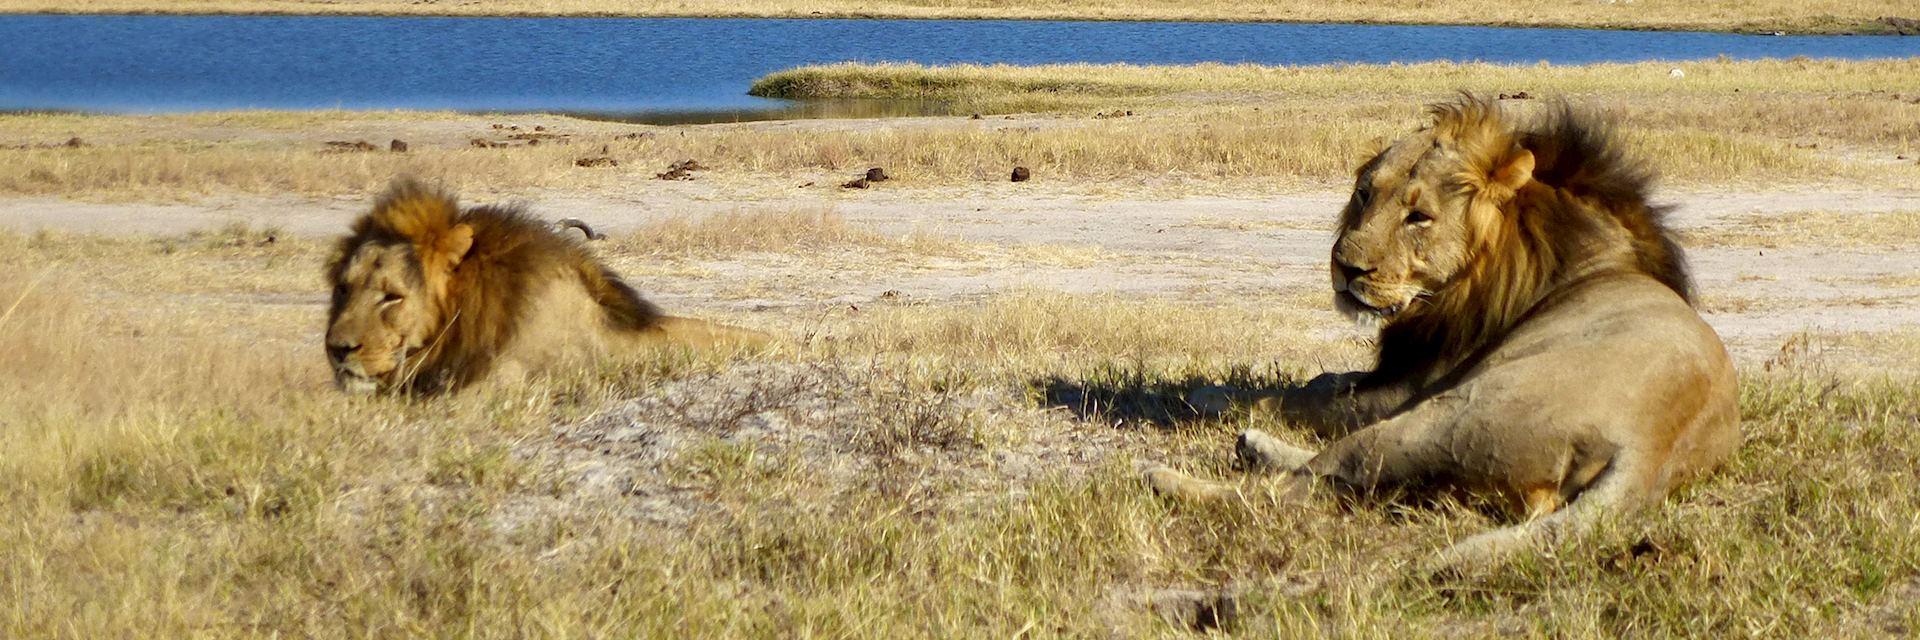 Male lion in Hwange National Park, Zimbabwe